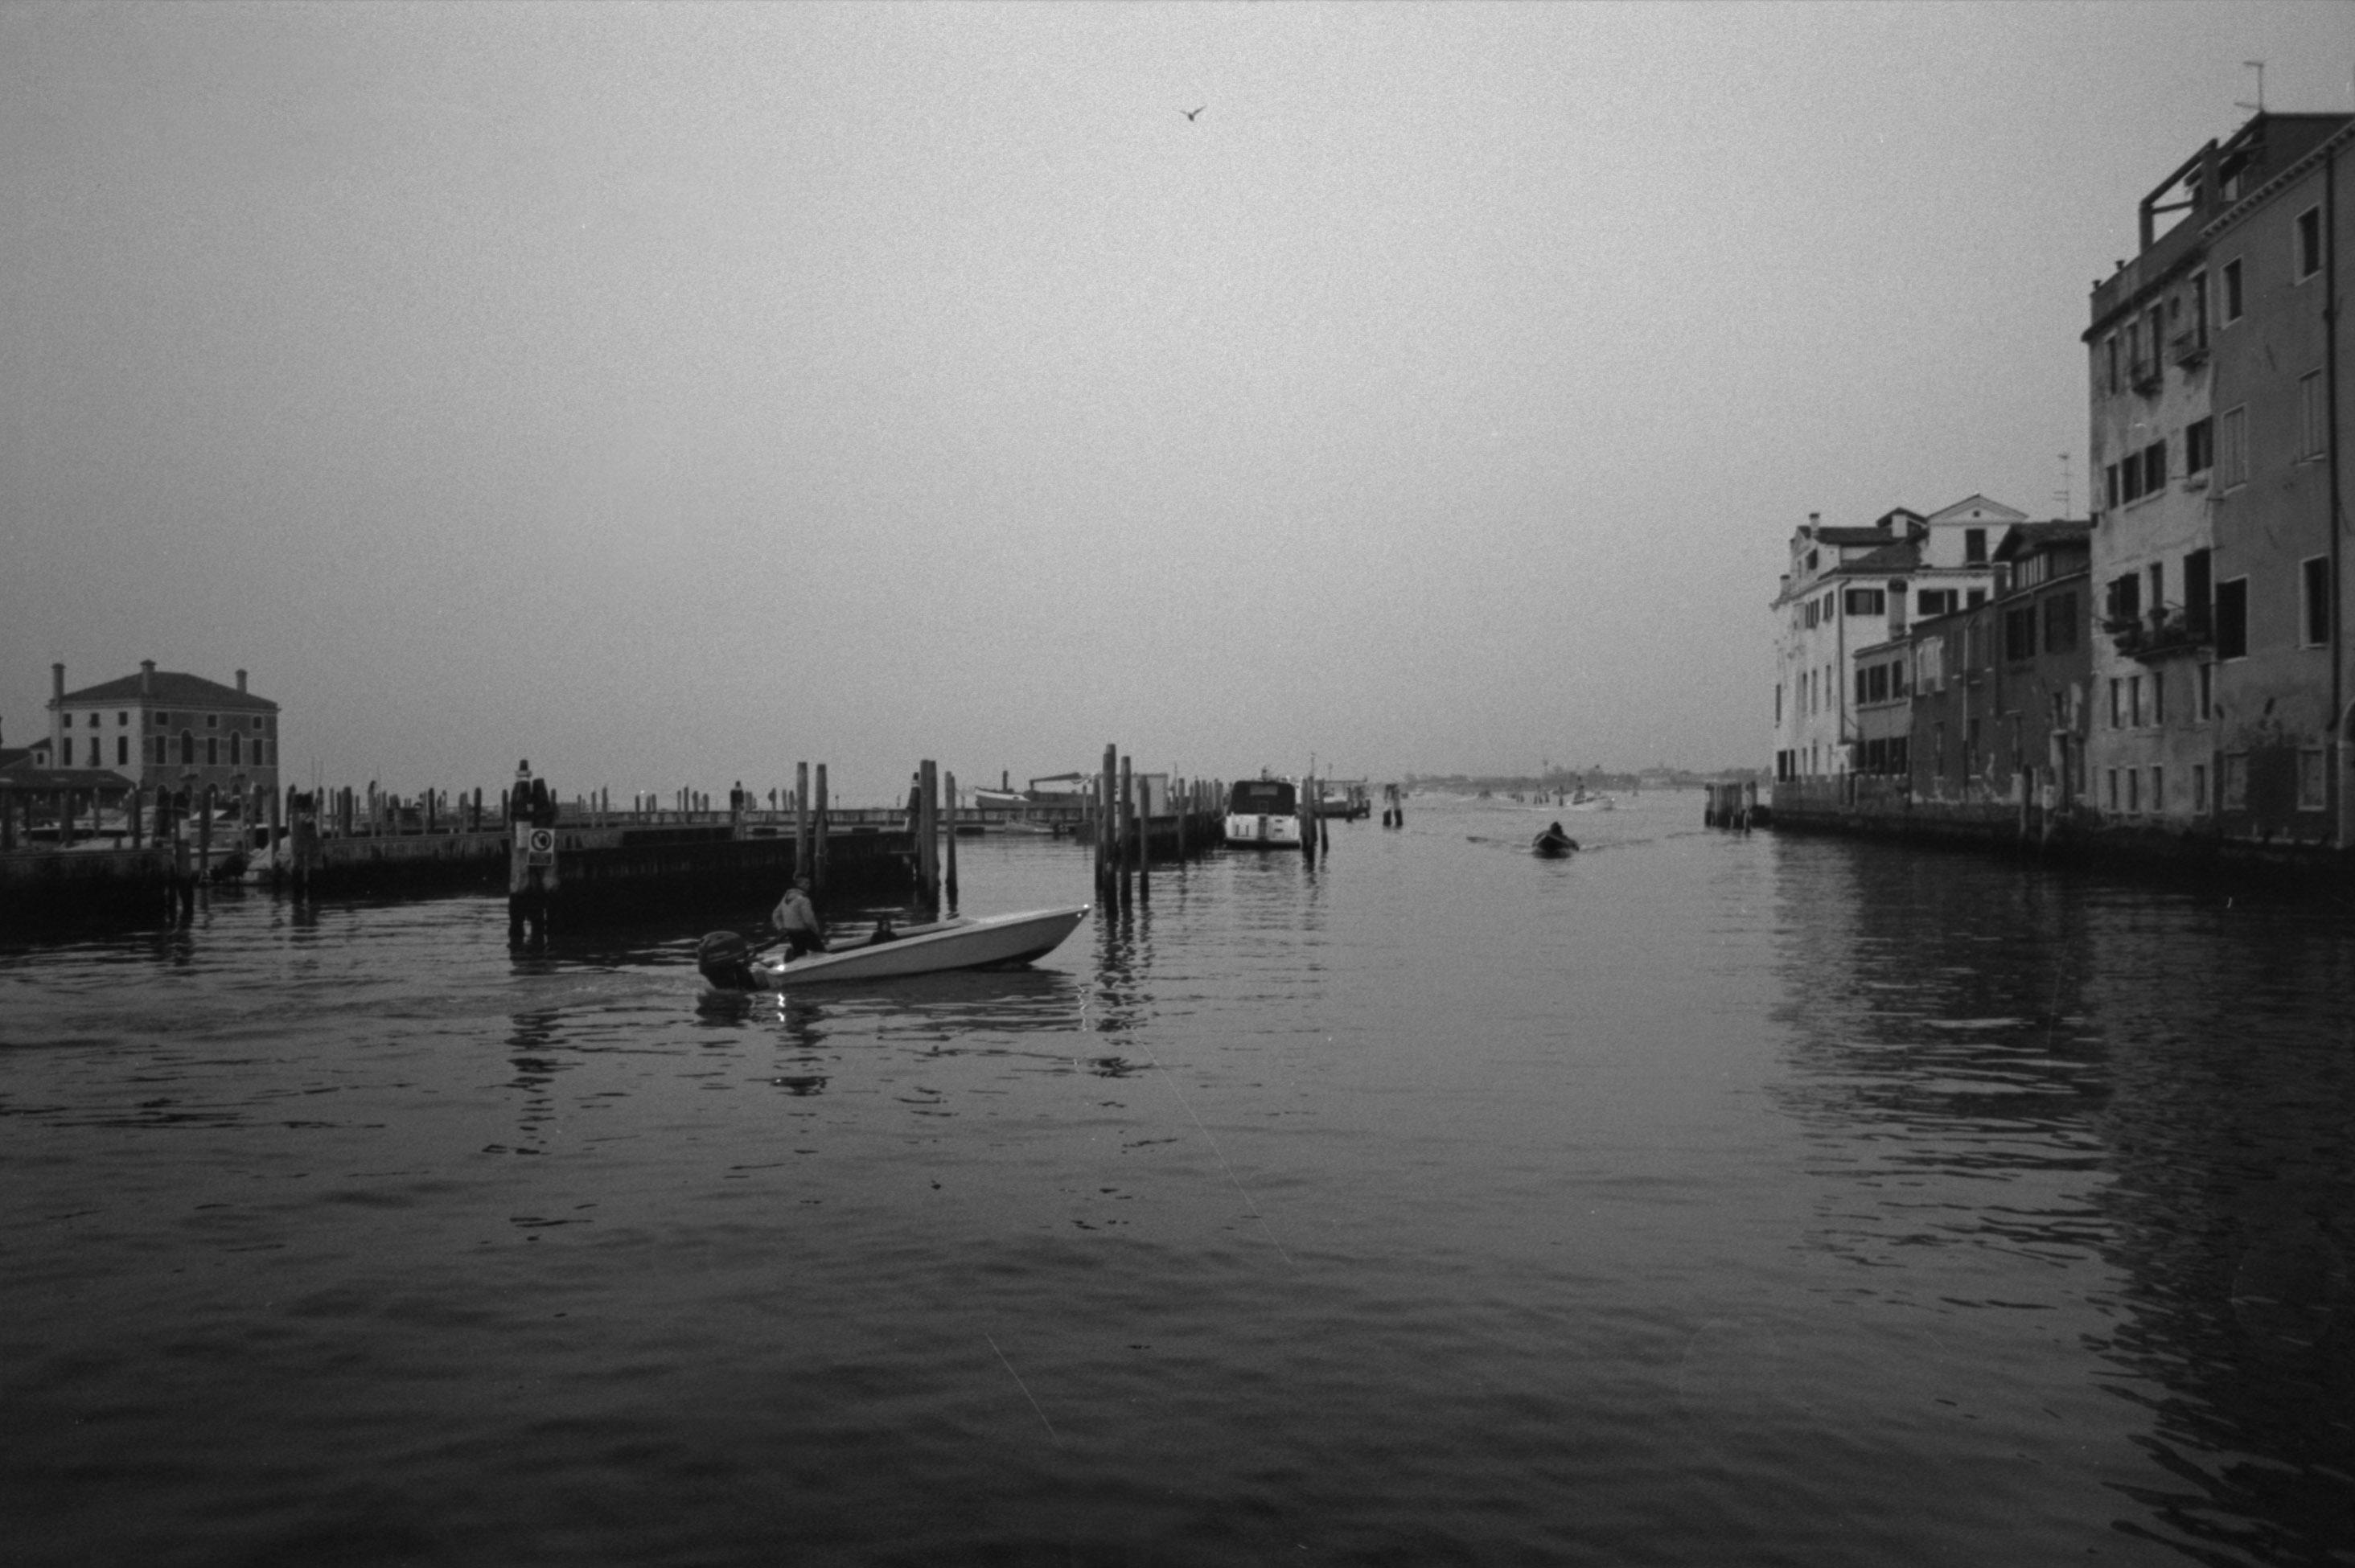 Venecia_35mm_18